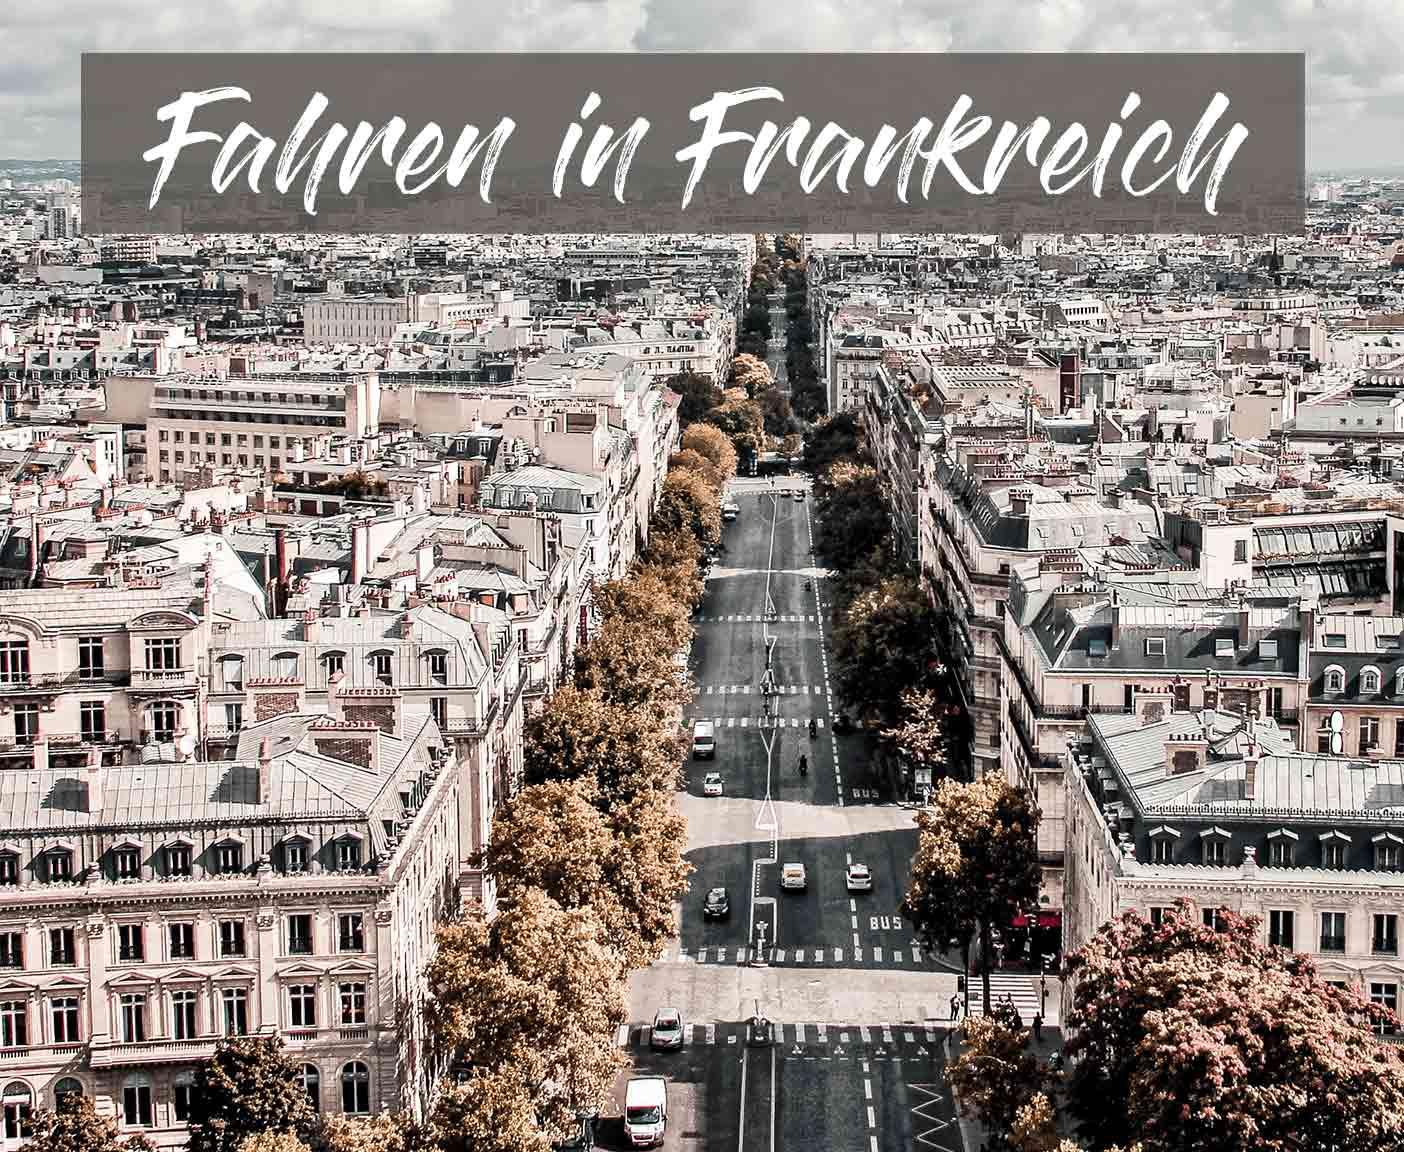 auto-fahren-frankreich-wohnmobil-regeln-paris-strafen